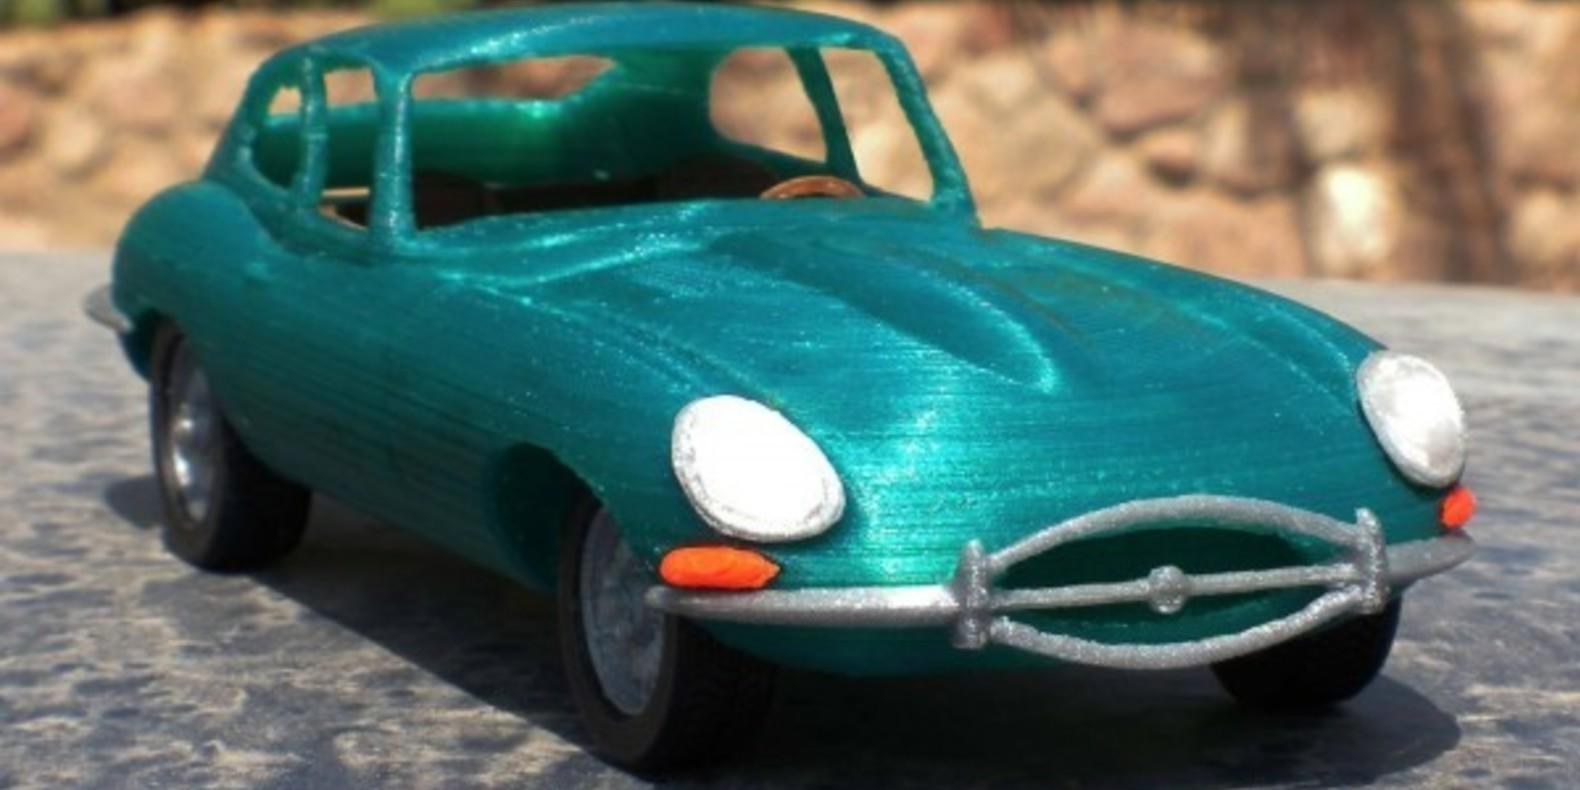 Mao casella jaguar type E maquette model 3D printed imprimé en 3D voiture car fichier STL Cults 3